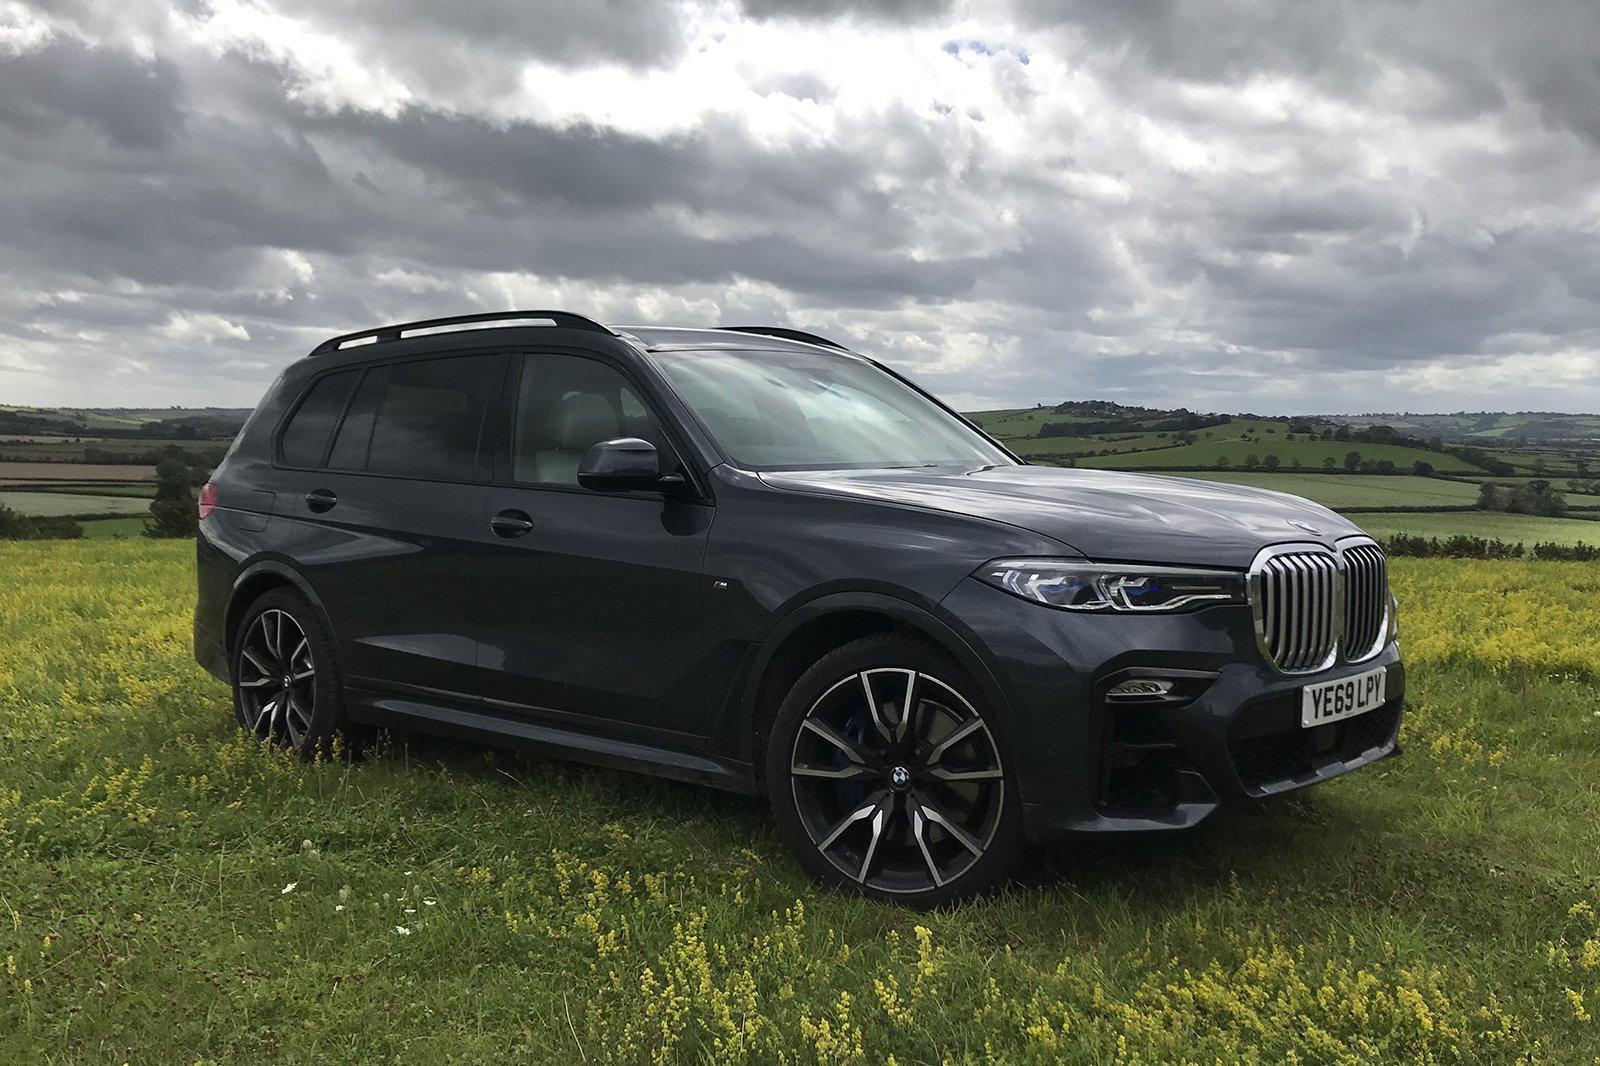 2020 BMW X7 long termer in a field